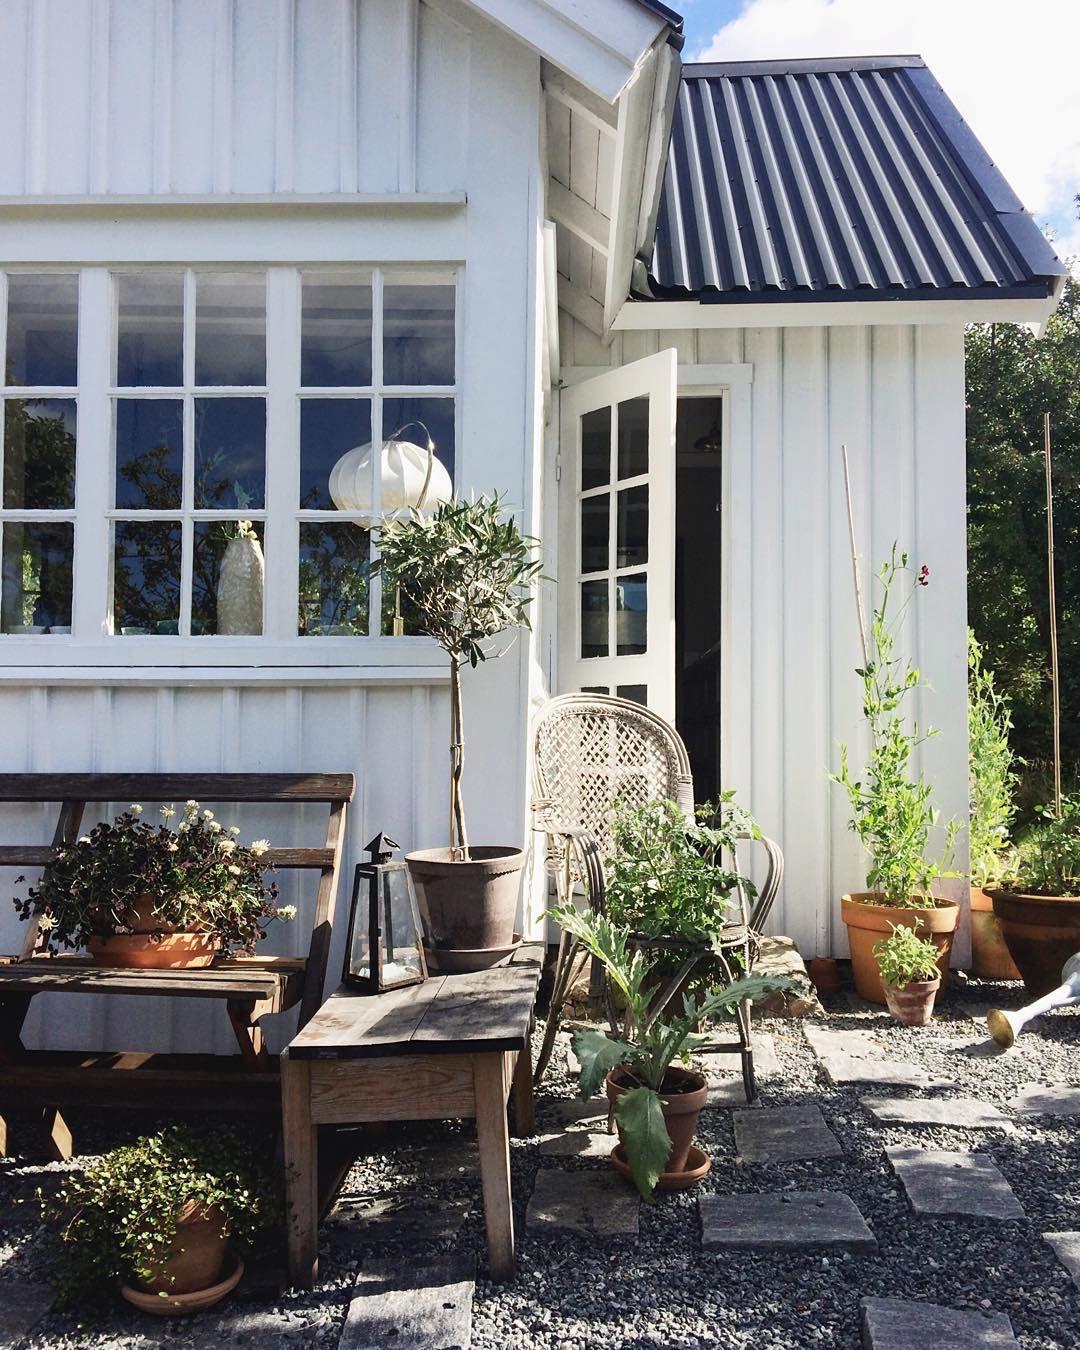 pin von helga leitner auf deko pinterest dachterasse schwedenhaus und terassen. Black Bedroom Furniture Sets. Home Design Ideas